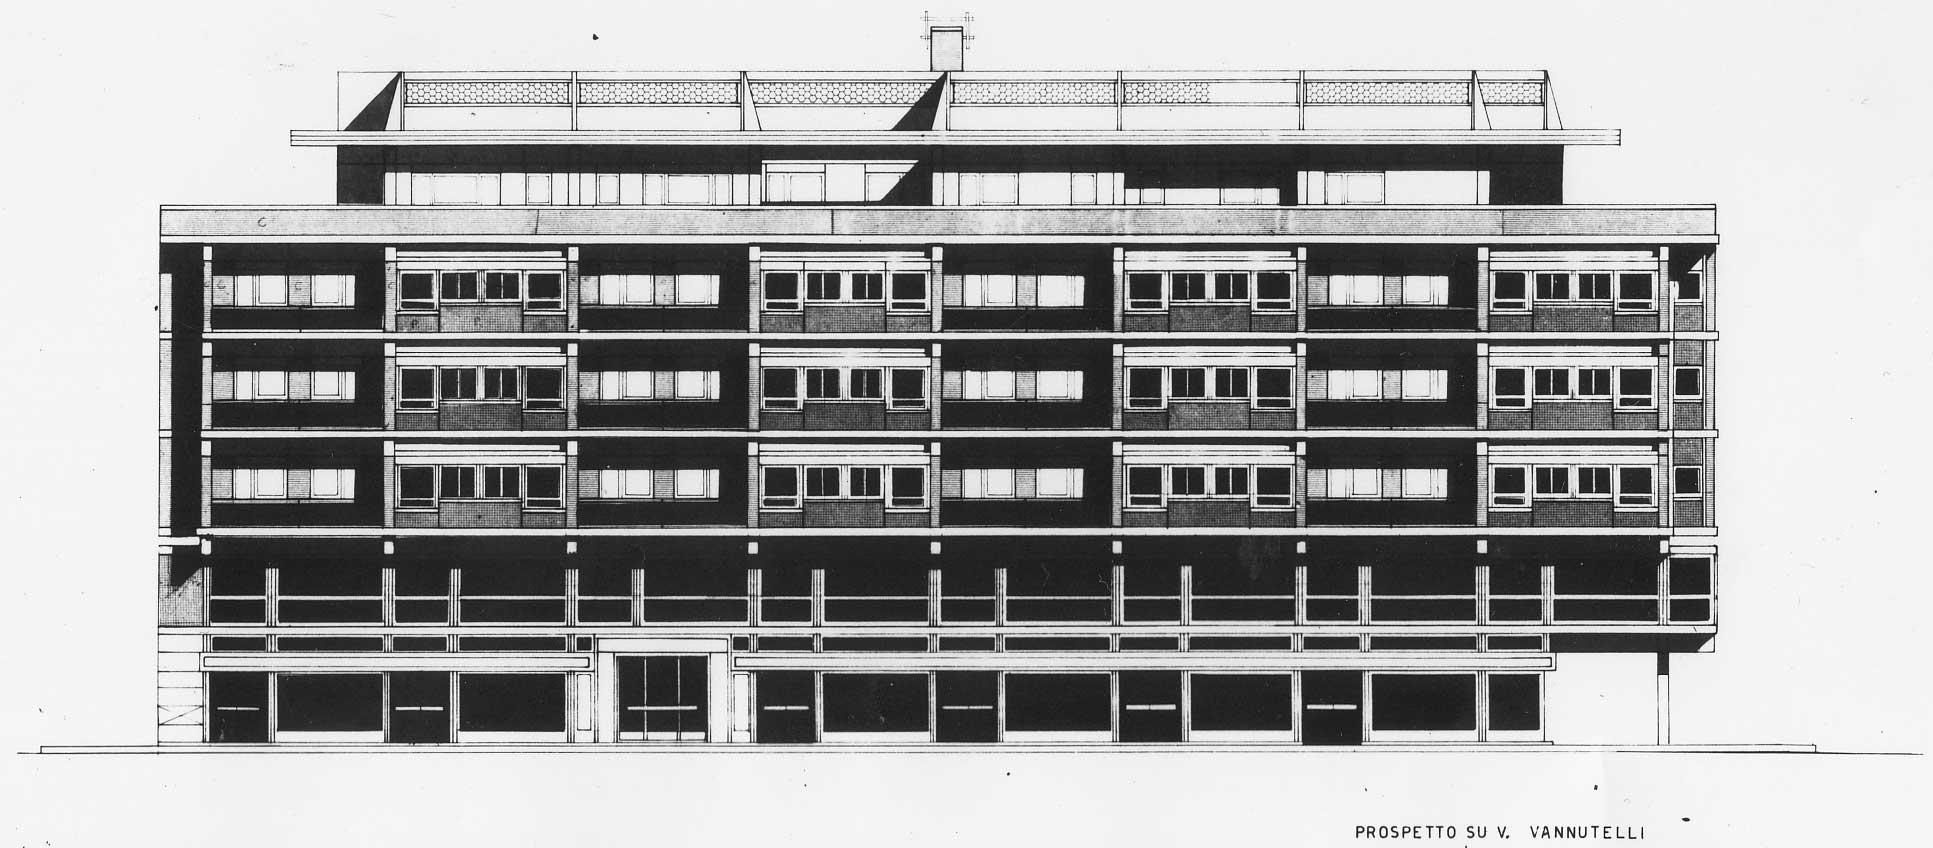 1 - 54 alloggi a Roma - Spinaceto, II programma GESCAL - IACP Roma; capogruppo - Prospetto